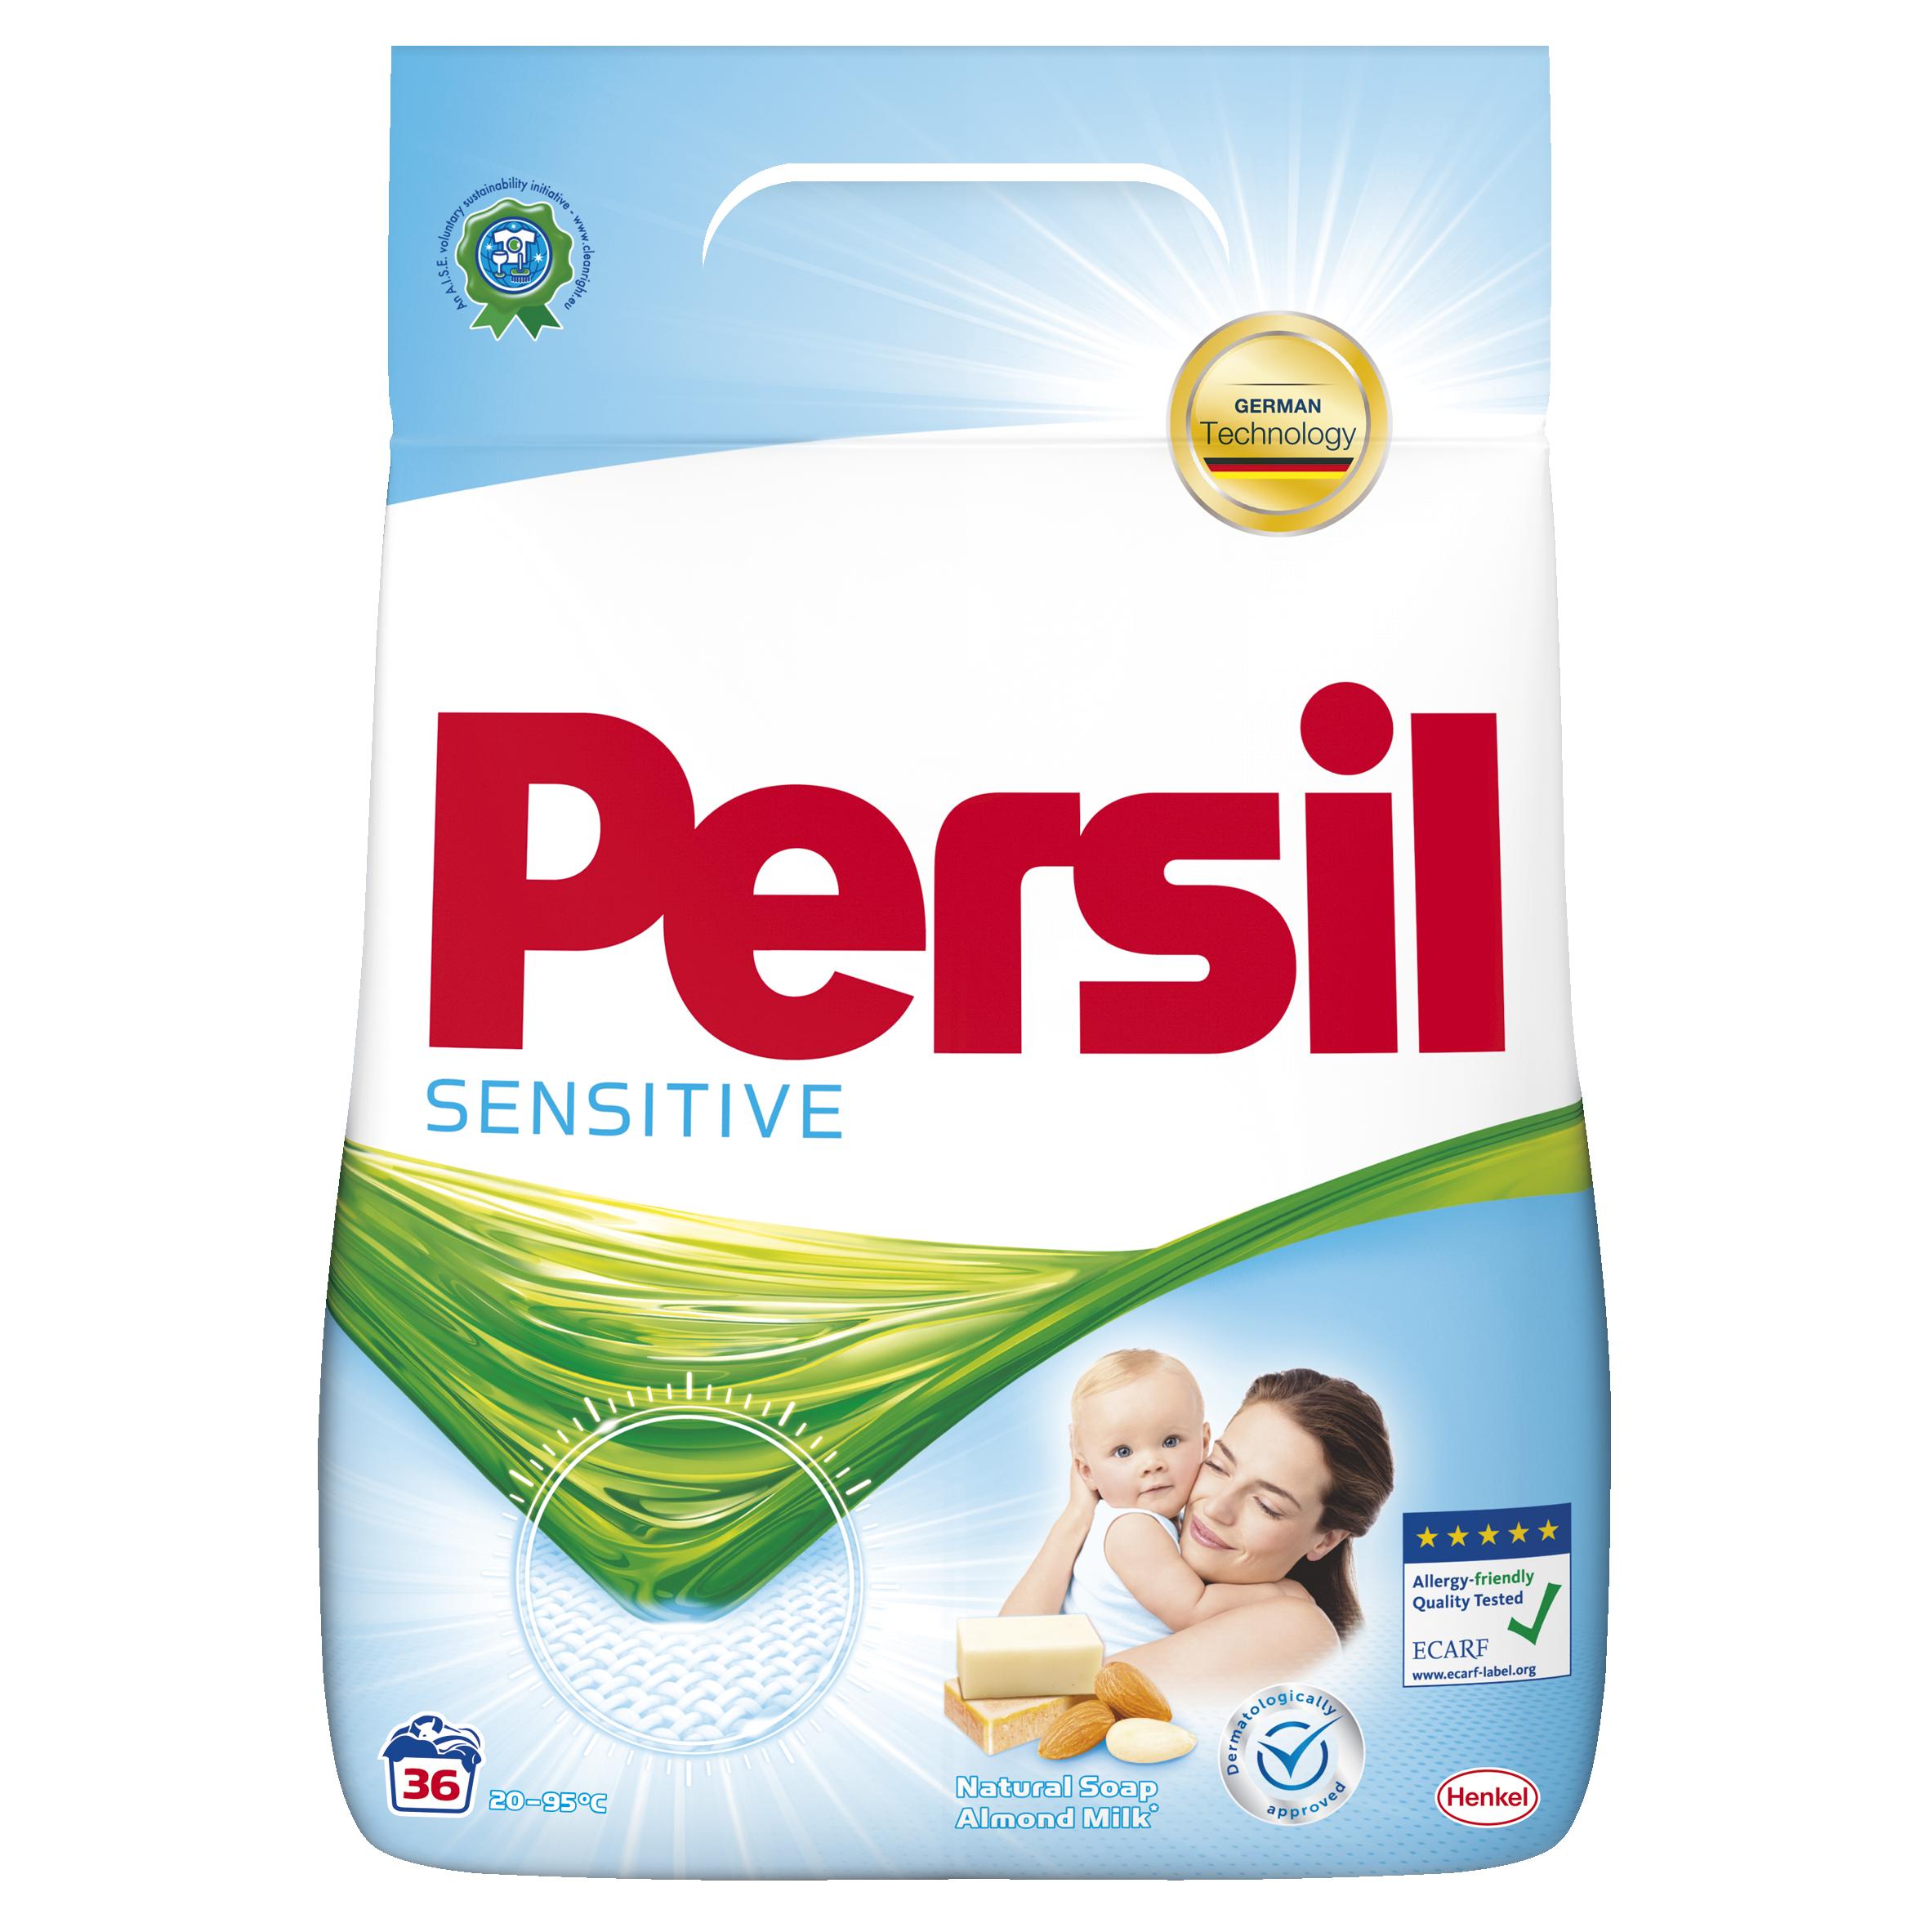 Persil Sensitive prací prášek, 36 praní 2,34 kg